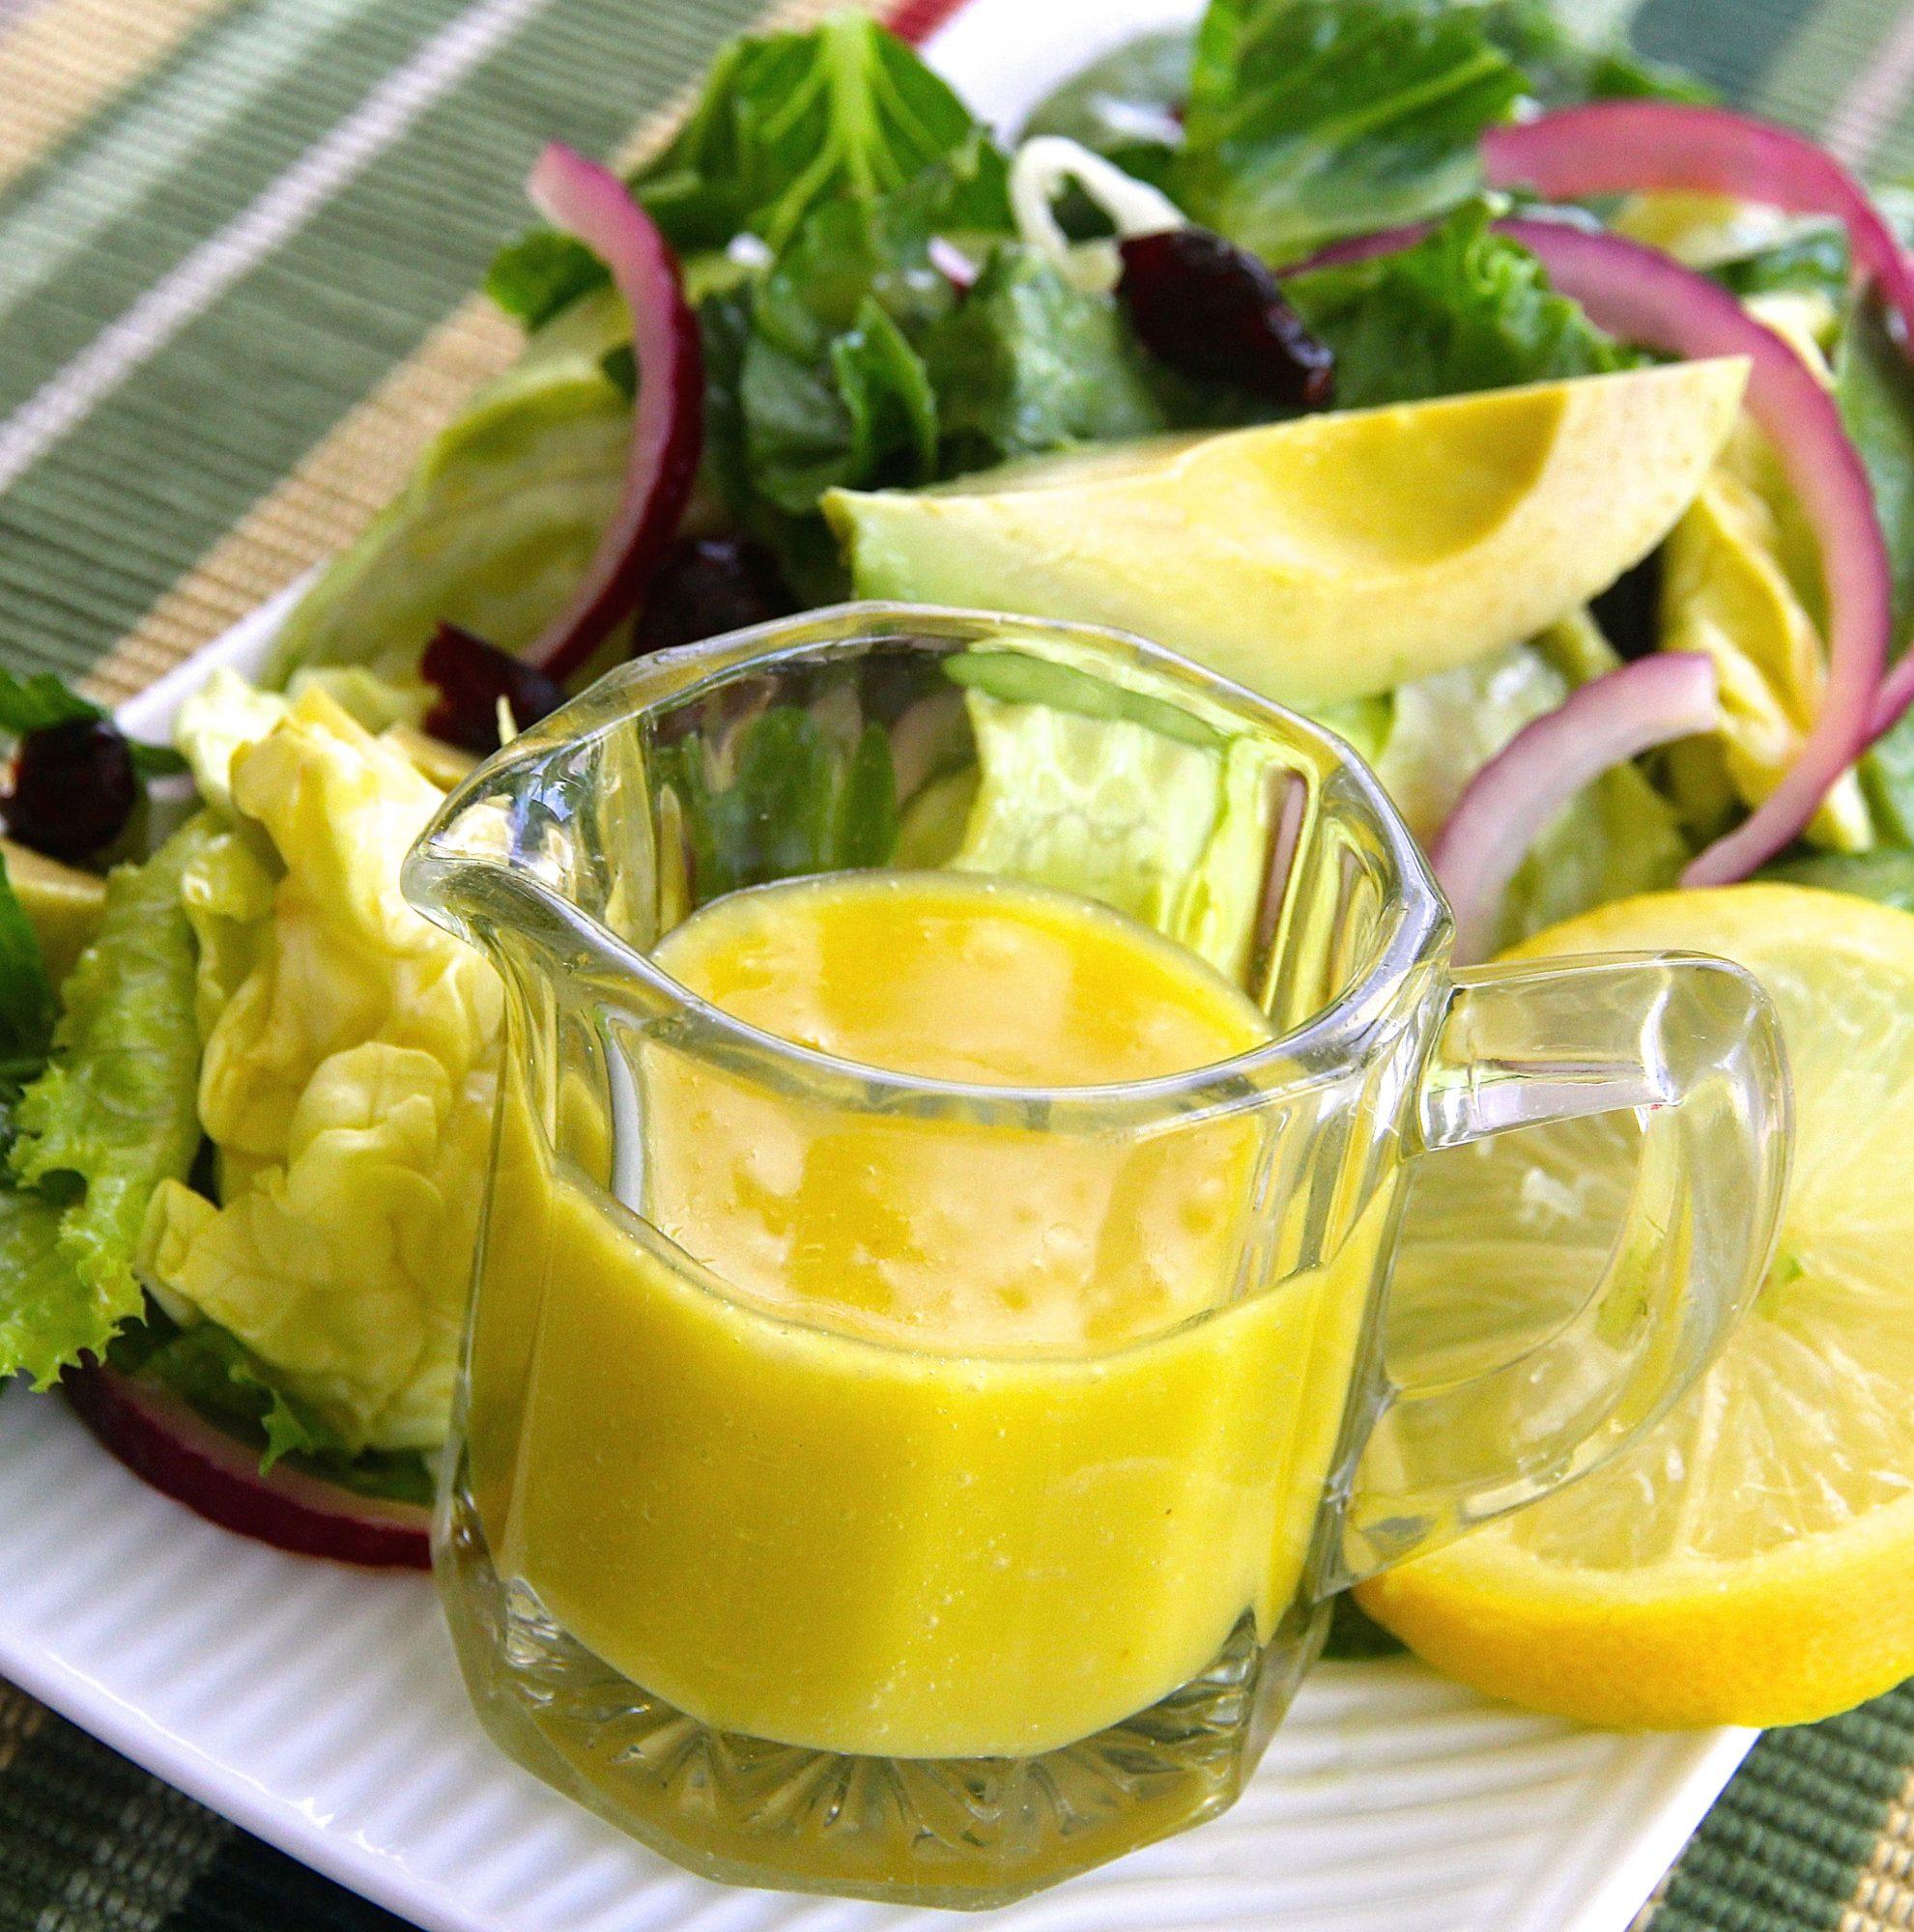 Aderezo de limón y miel